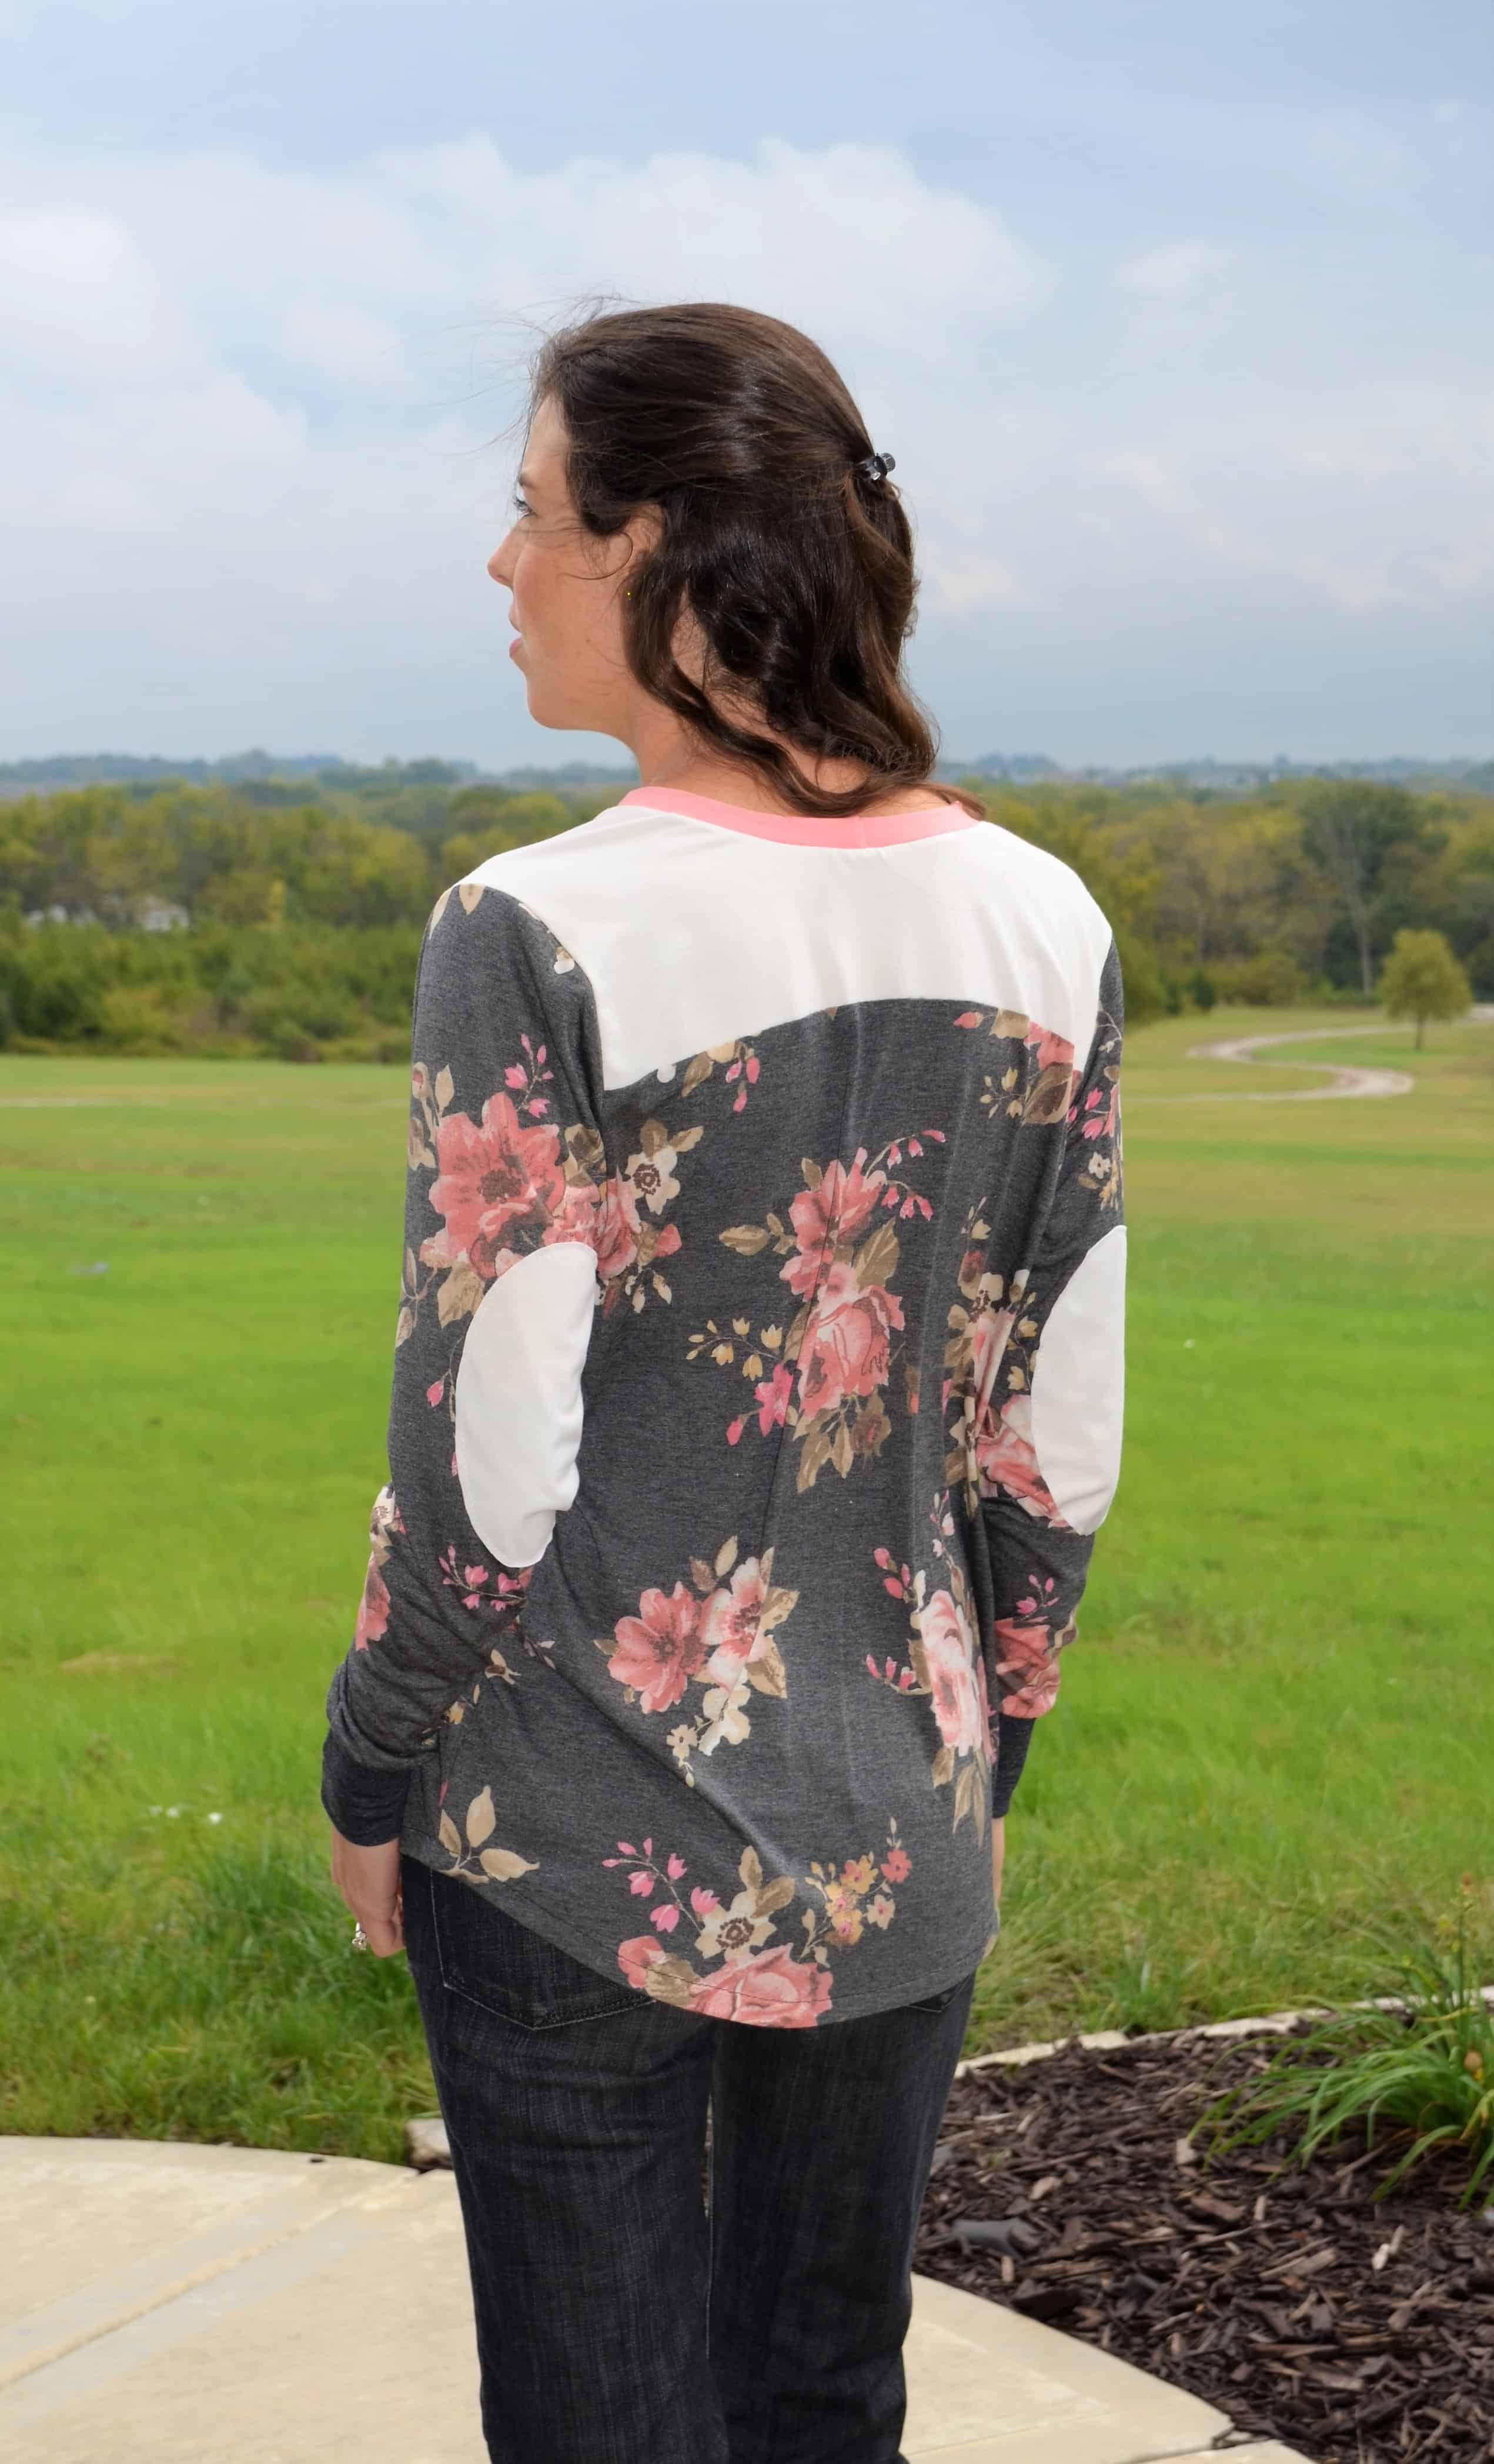 Sweaterdress patronen – stokstaartje doet het zo